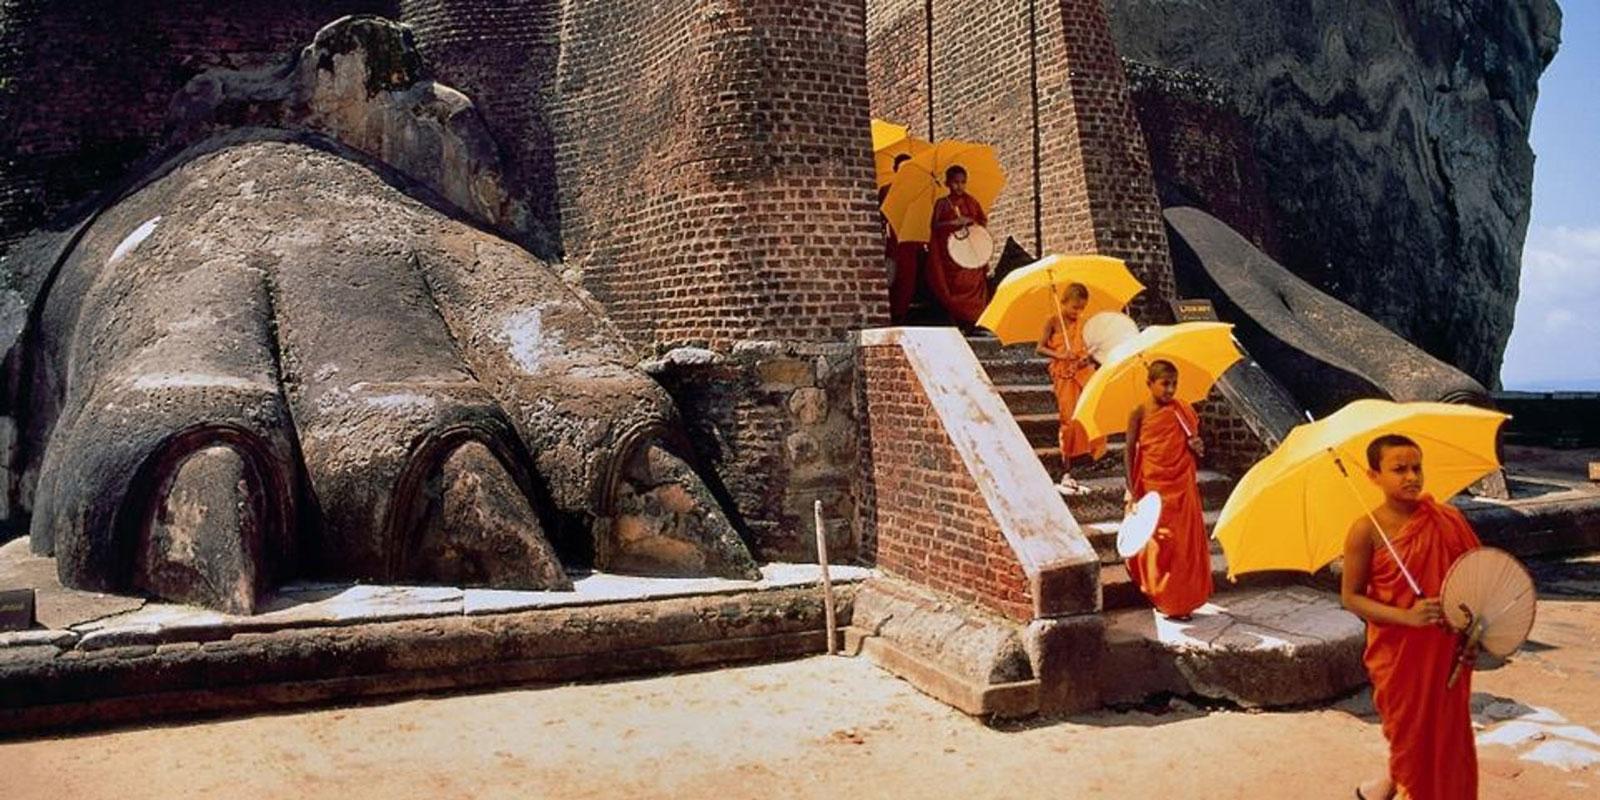 Namasté reizen, luxe accomodaties, rondreis in Sri Lanka, bezienswaardigheden